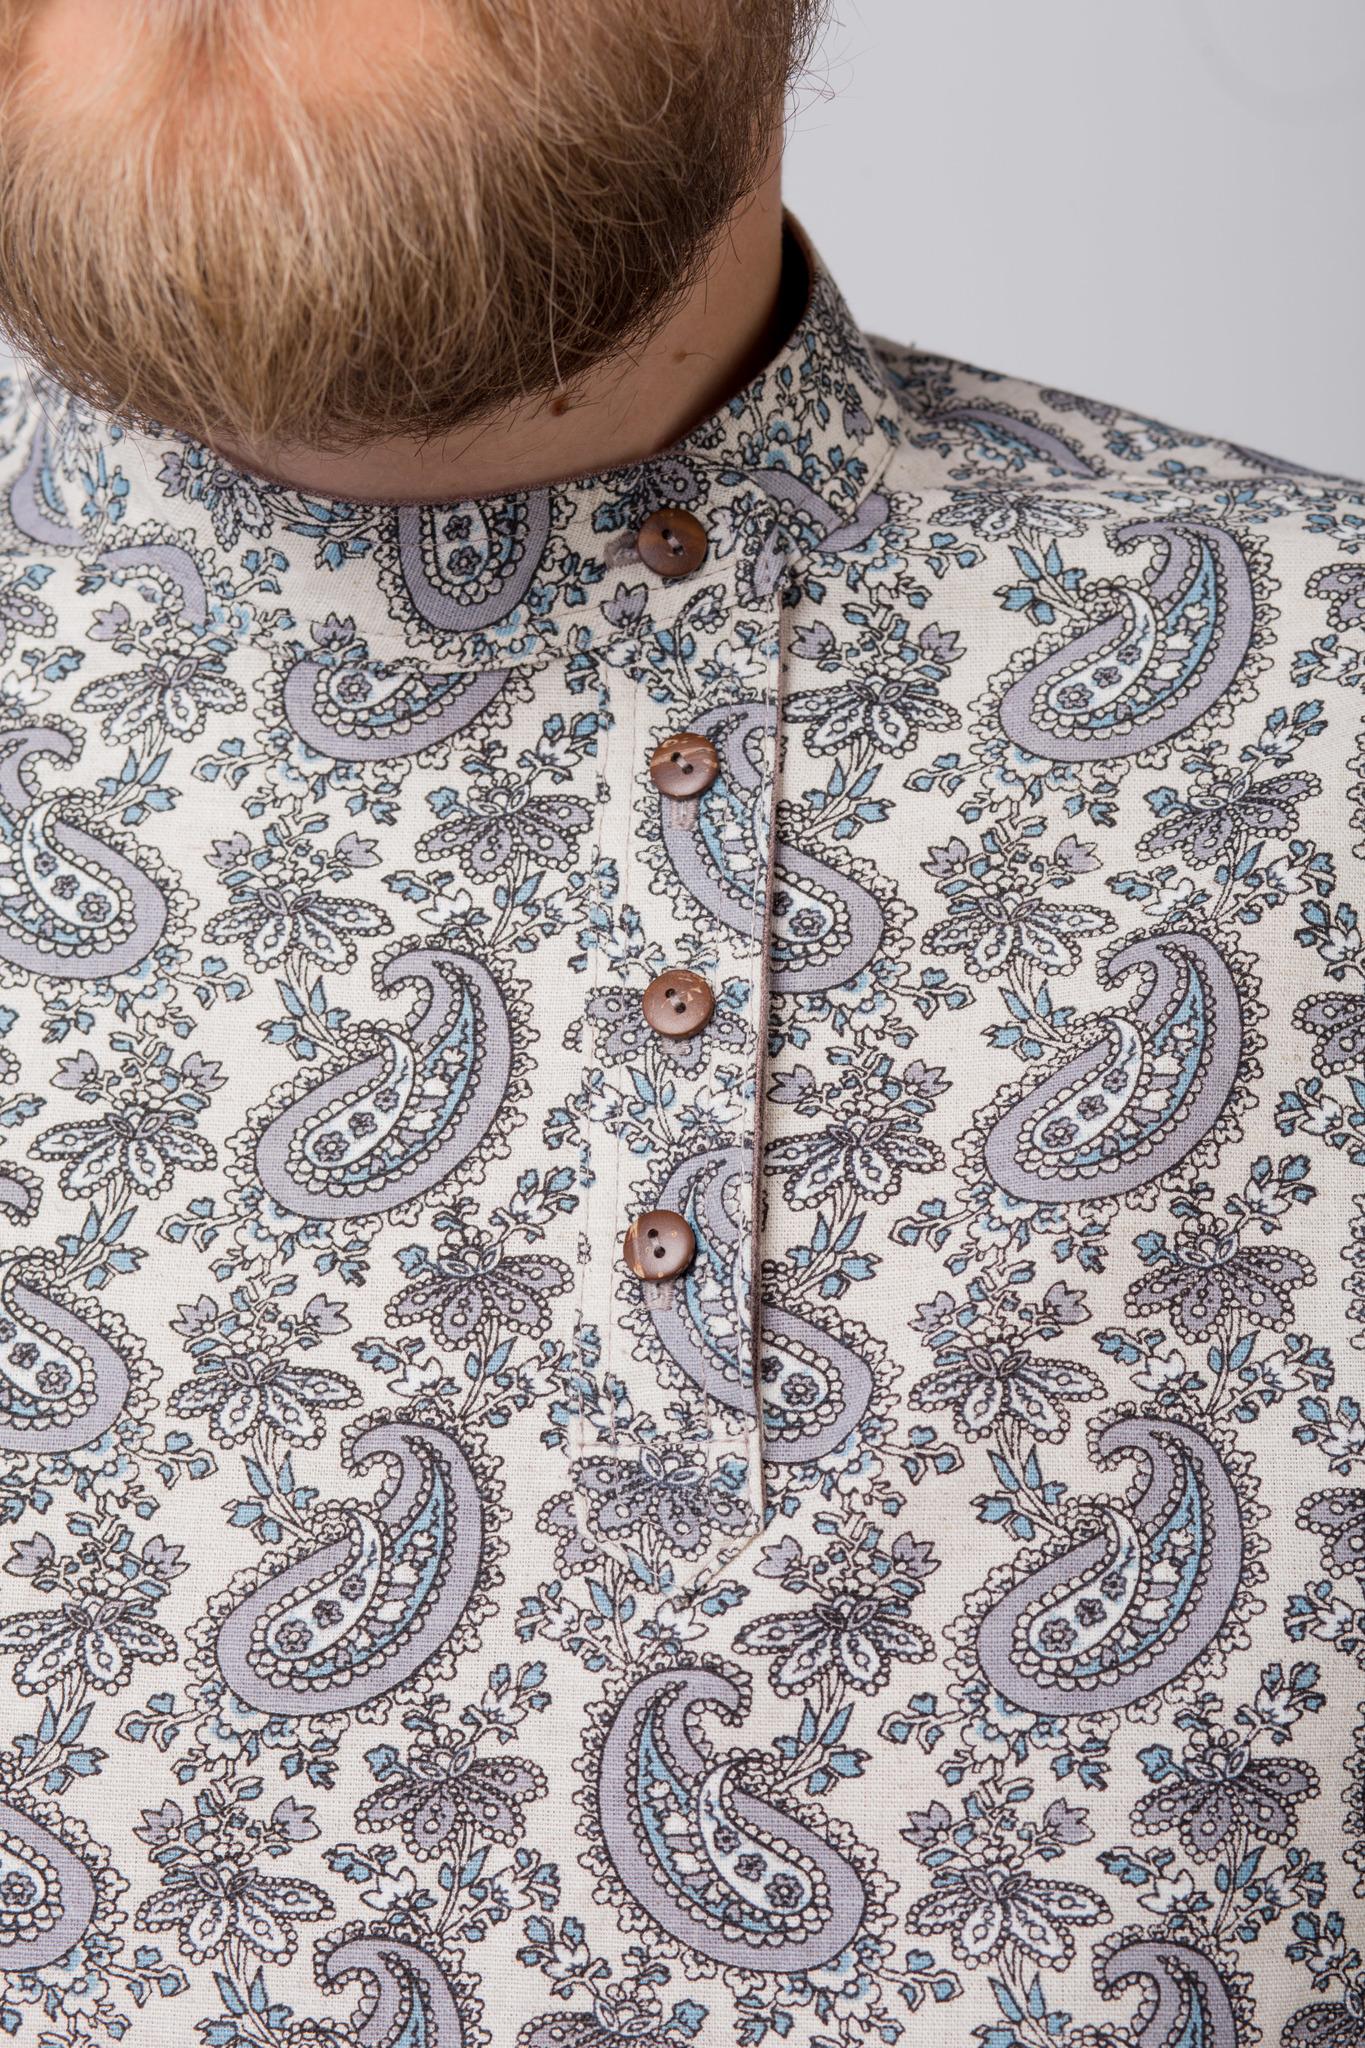 Рубашка льняная Огурцы застёгнутый ворот